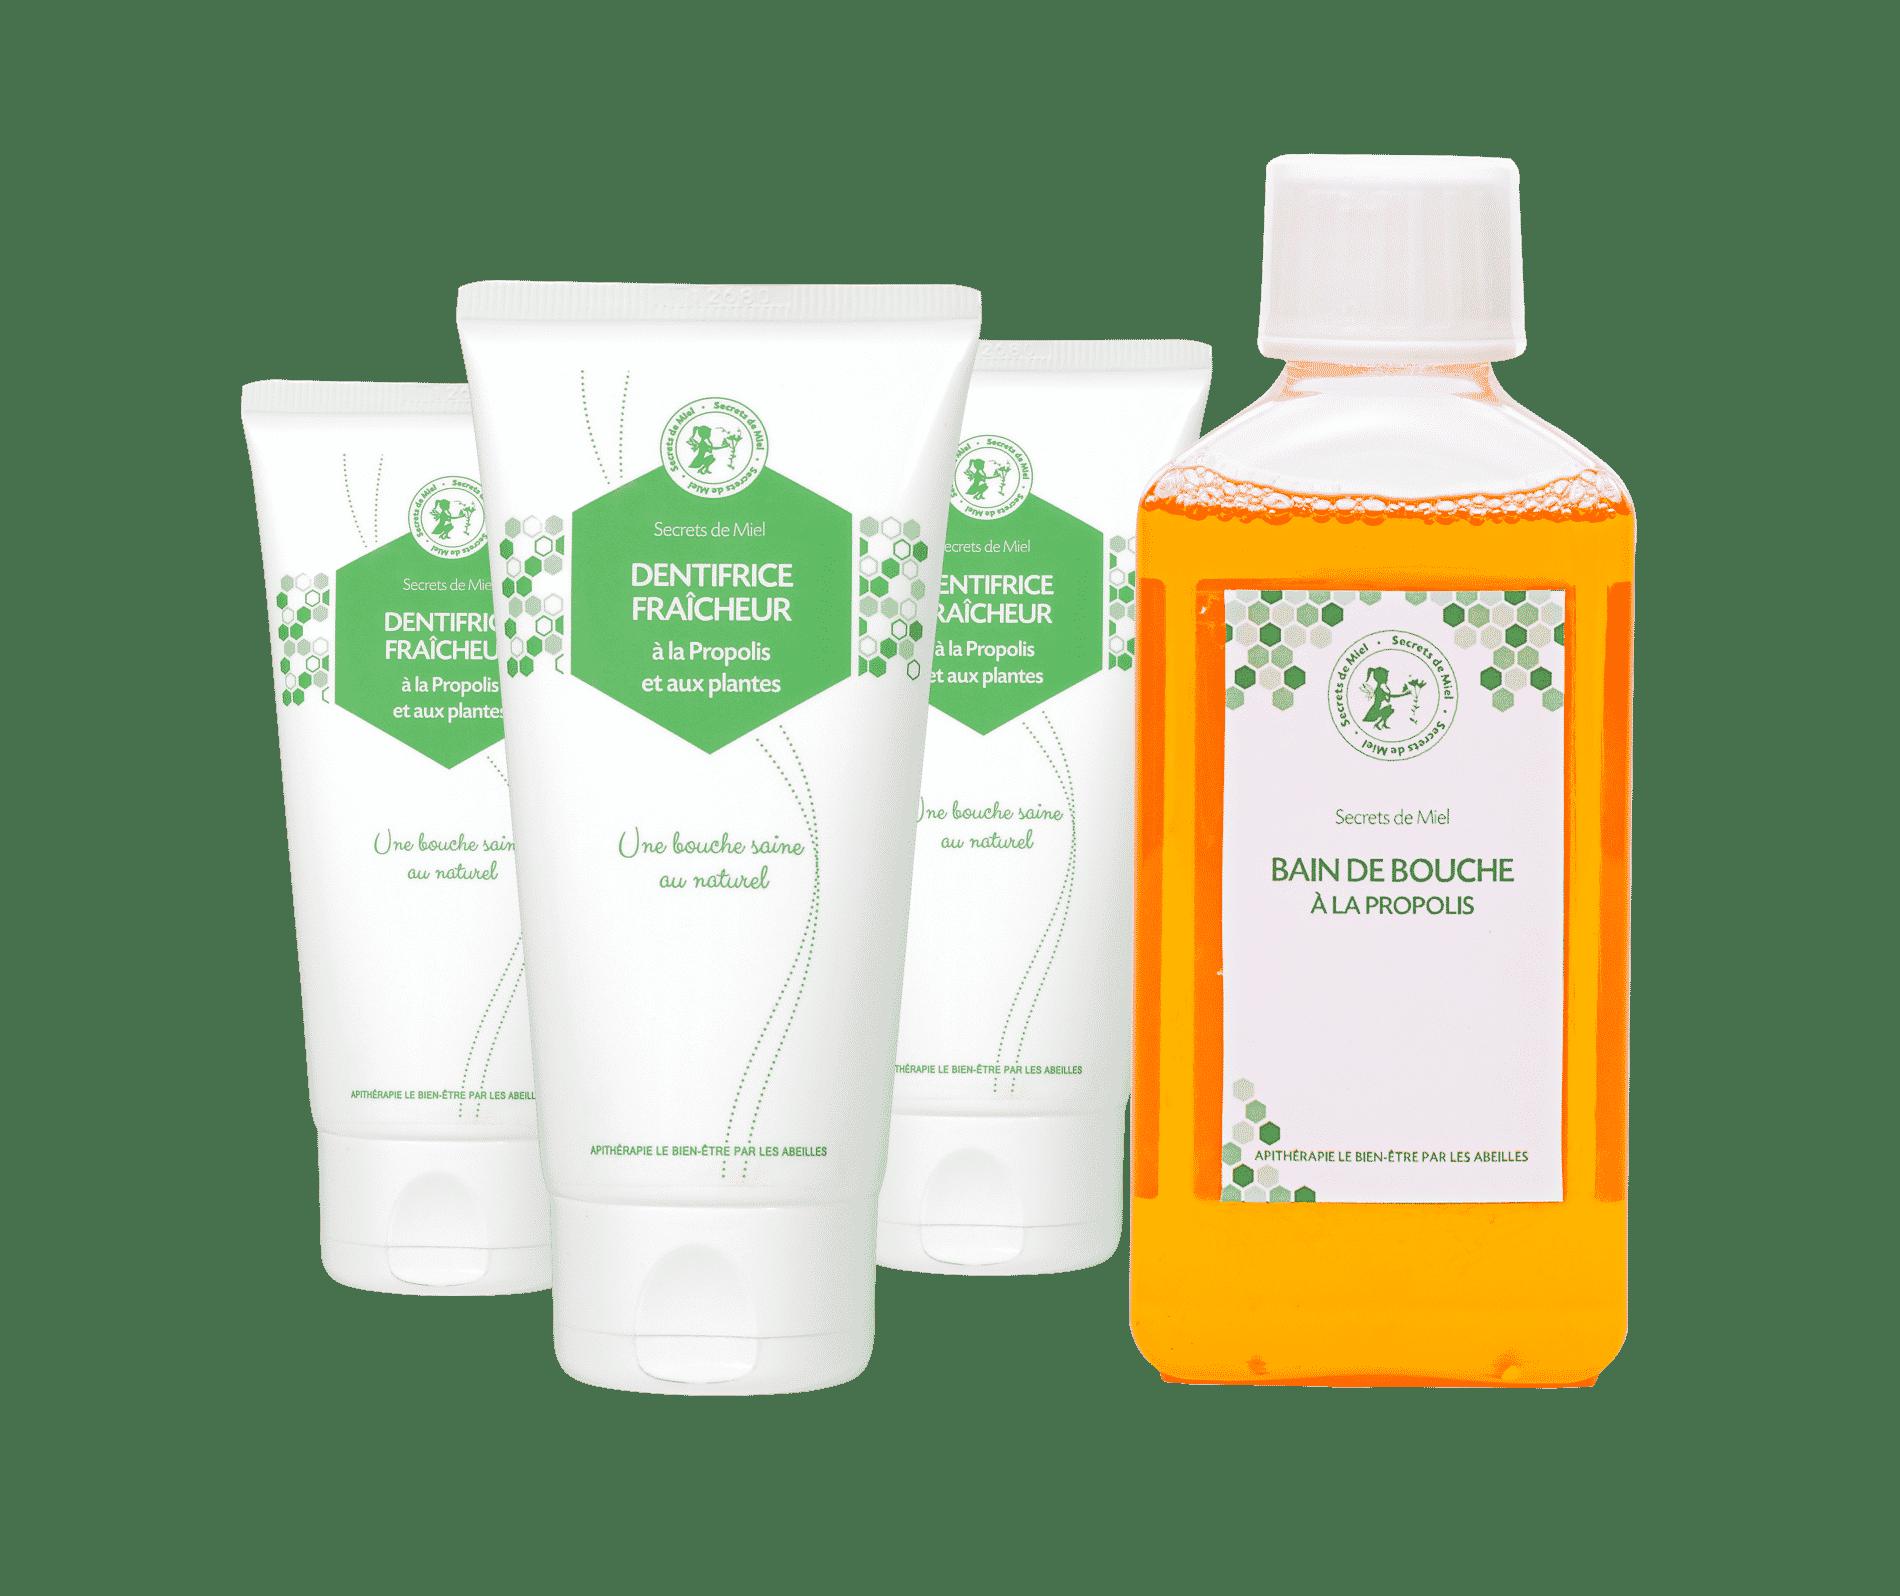 dentifrice naturel - formule naturelle - Secrets de Miel - Propolis - hygiène